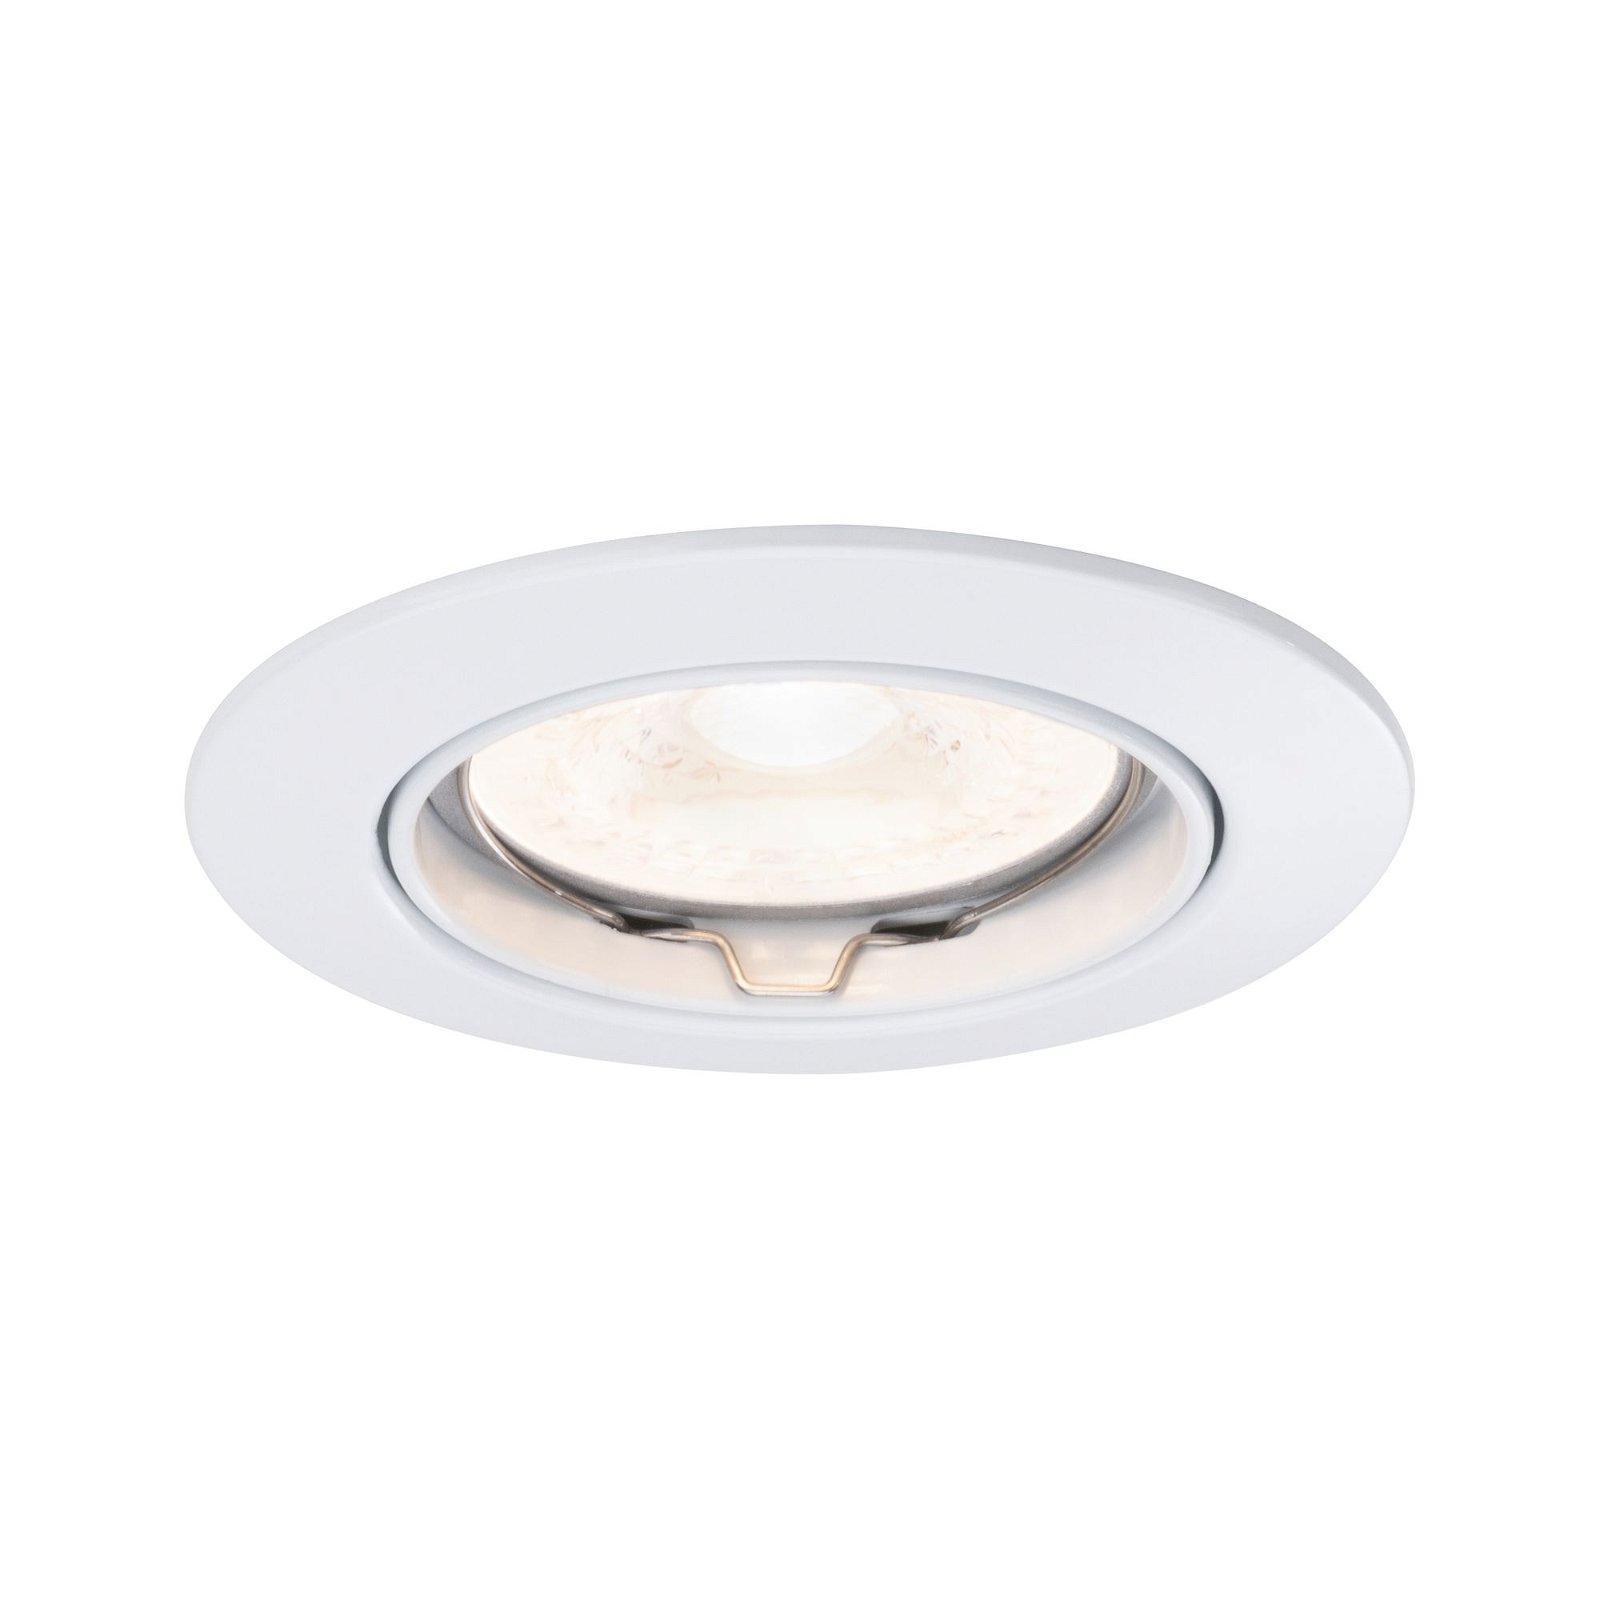 Premium LED Einbauleuchte rund 83mm 30° GU10 max. 50W 230V Weiß